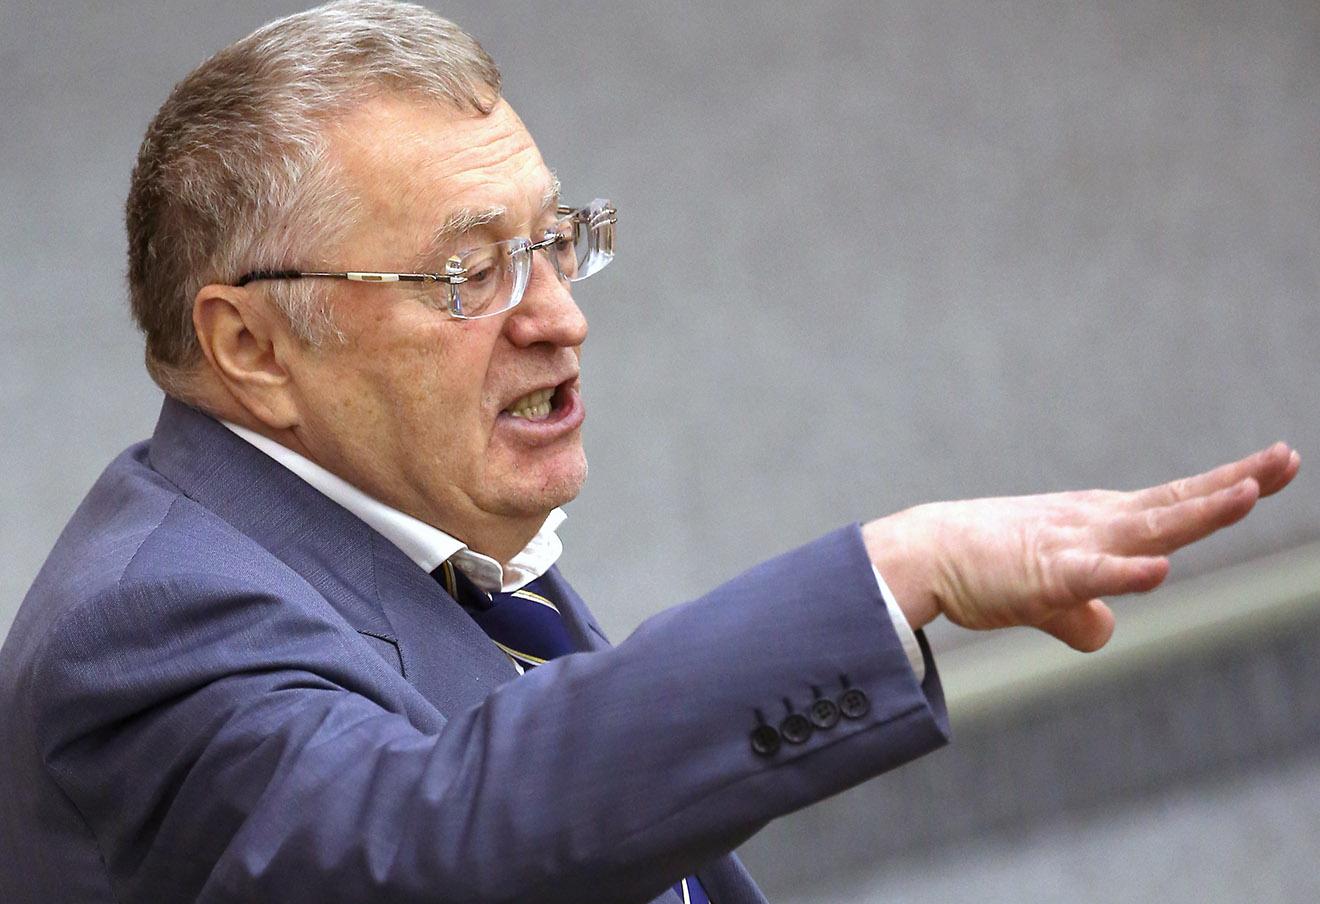 Владимир Жириновский на пленарном заседании Государственной думы РФ, декабрь 2015 года.